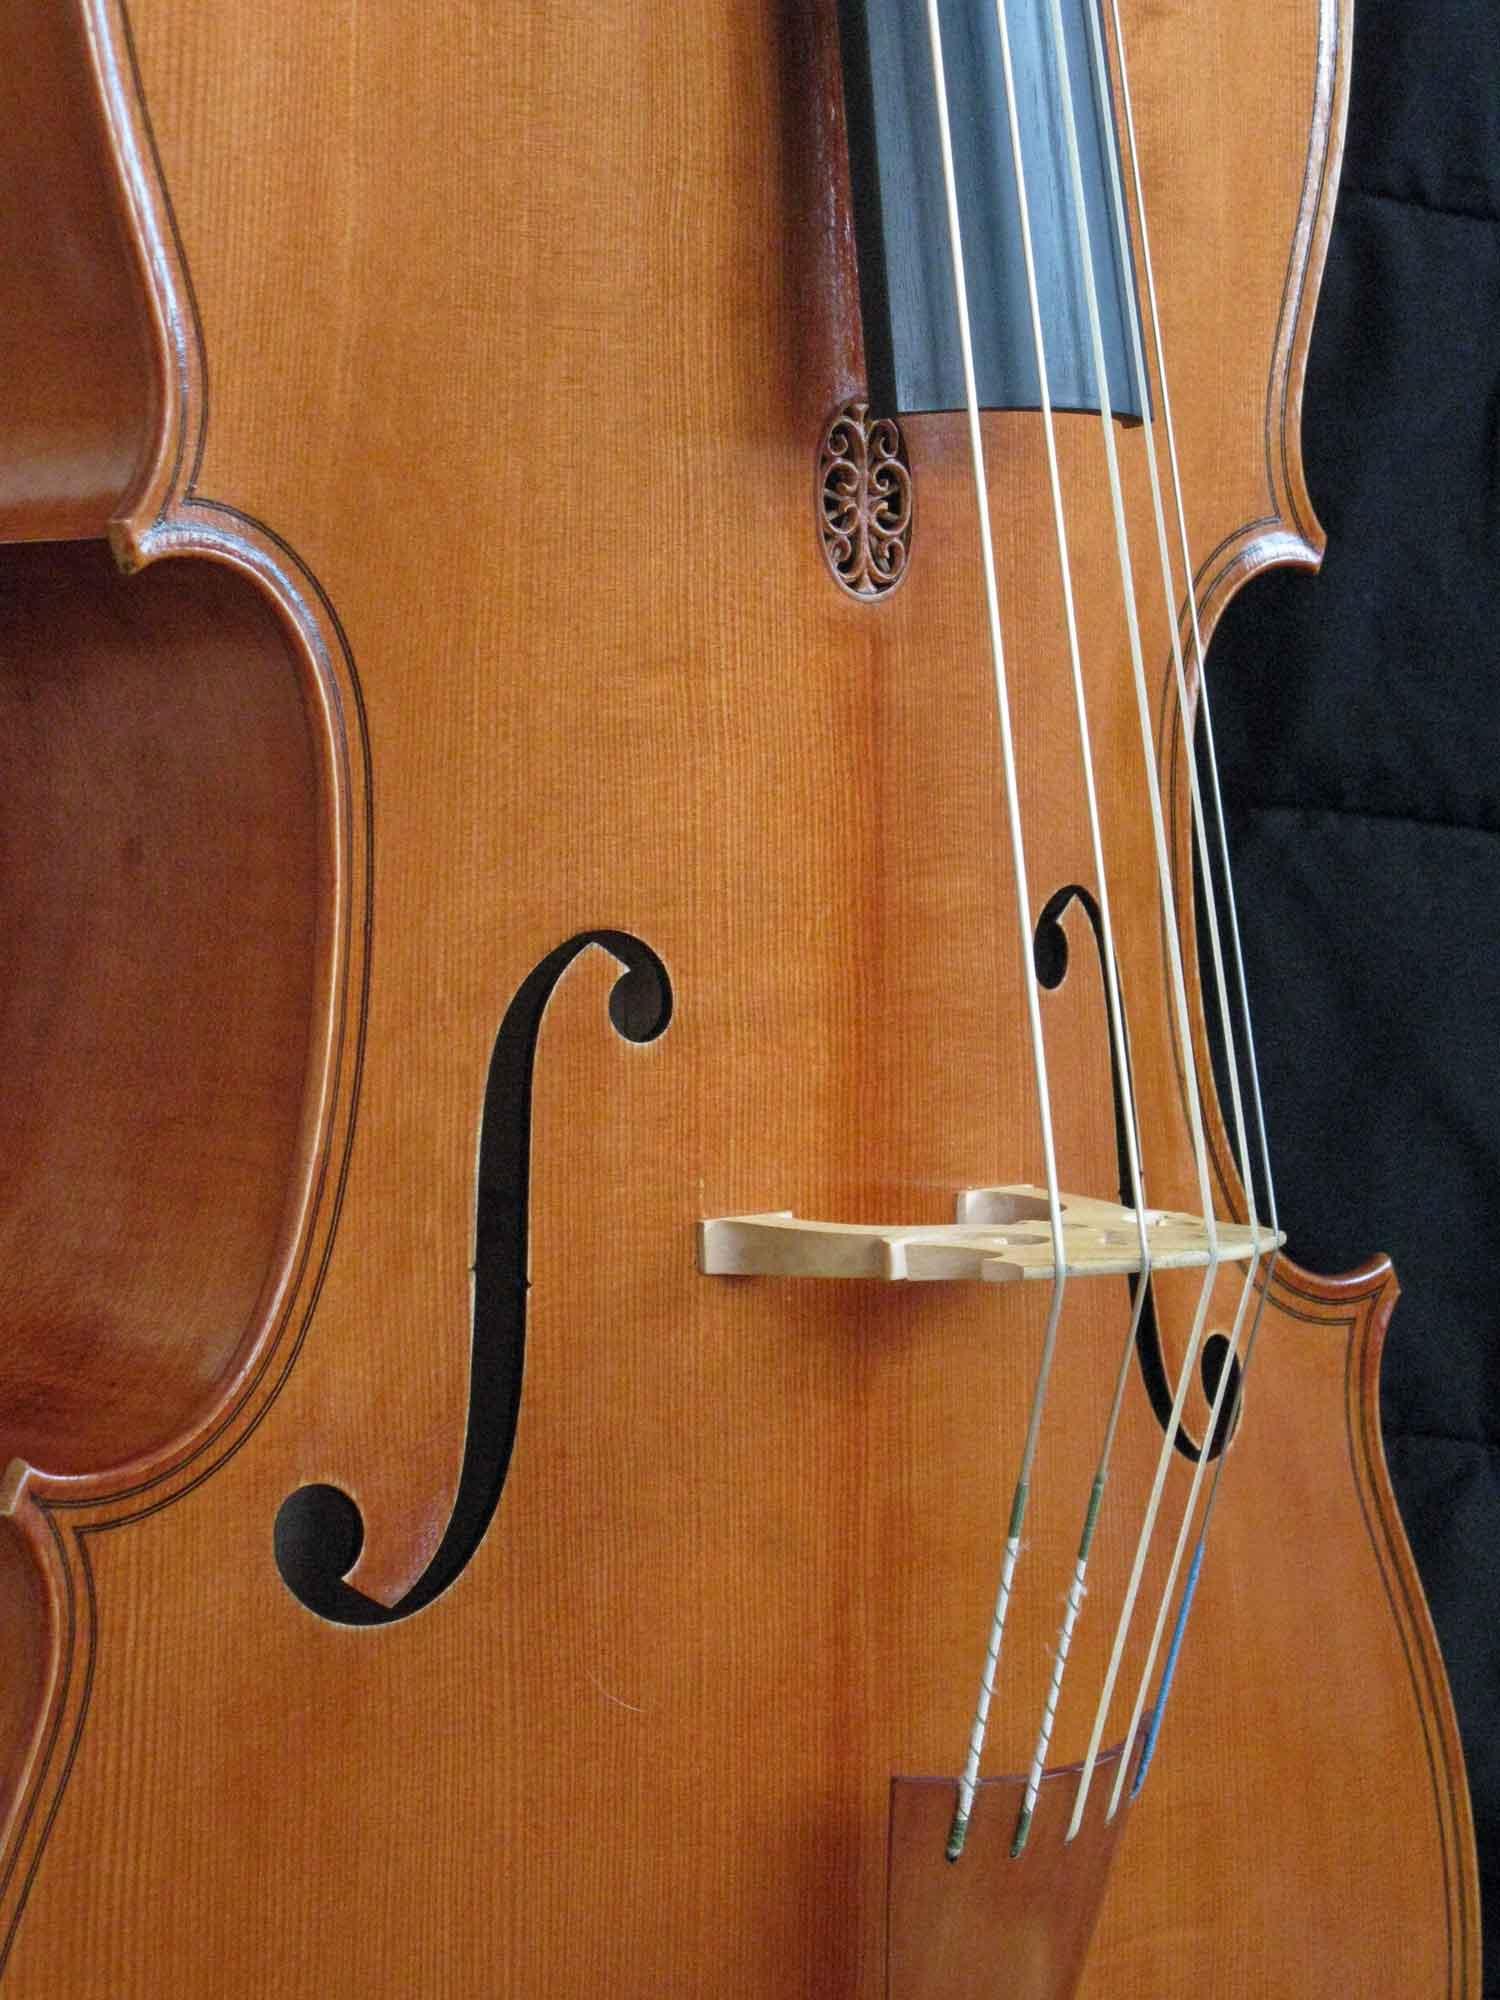 5-string cello